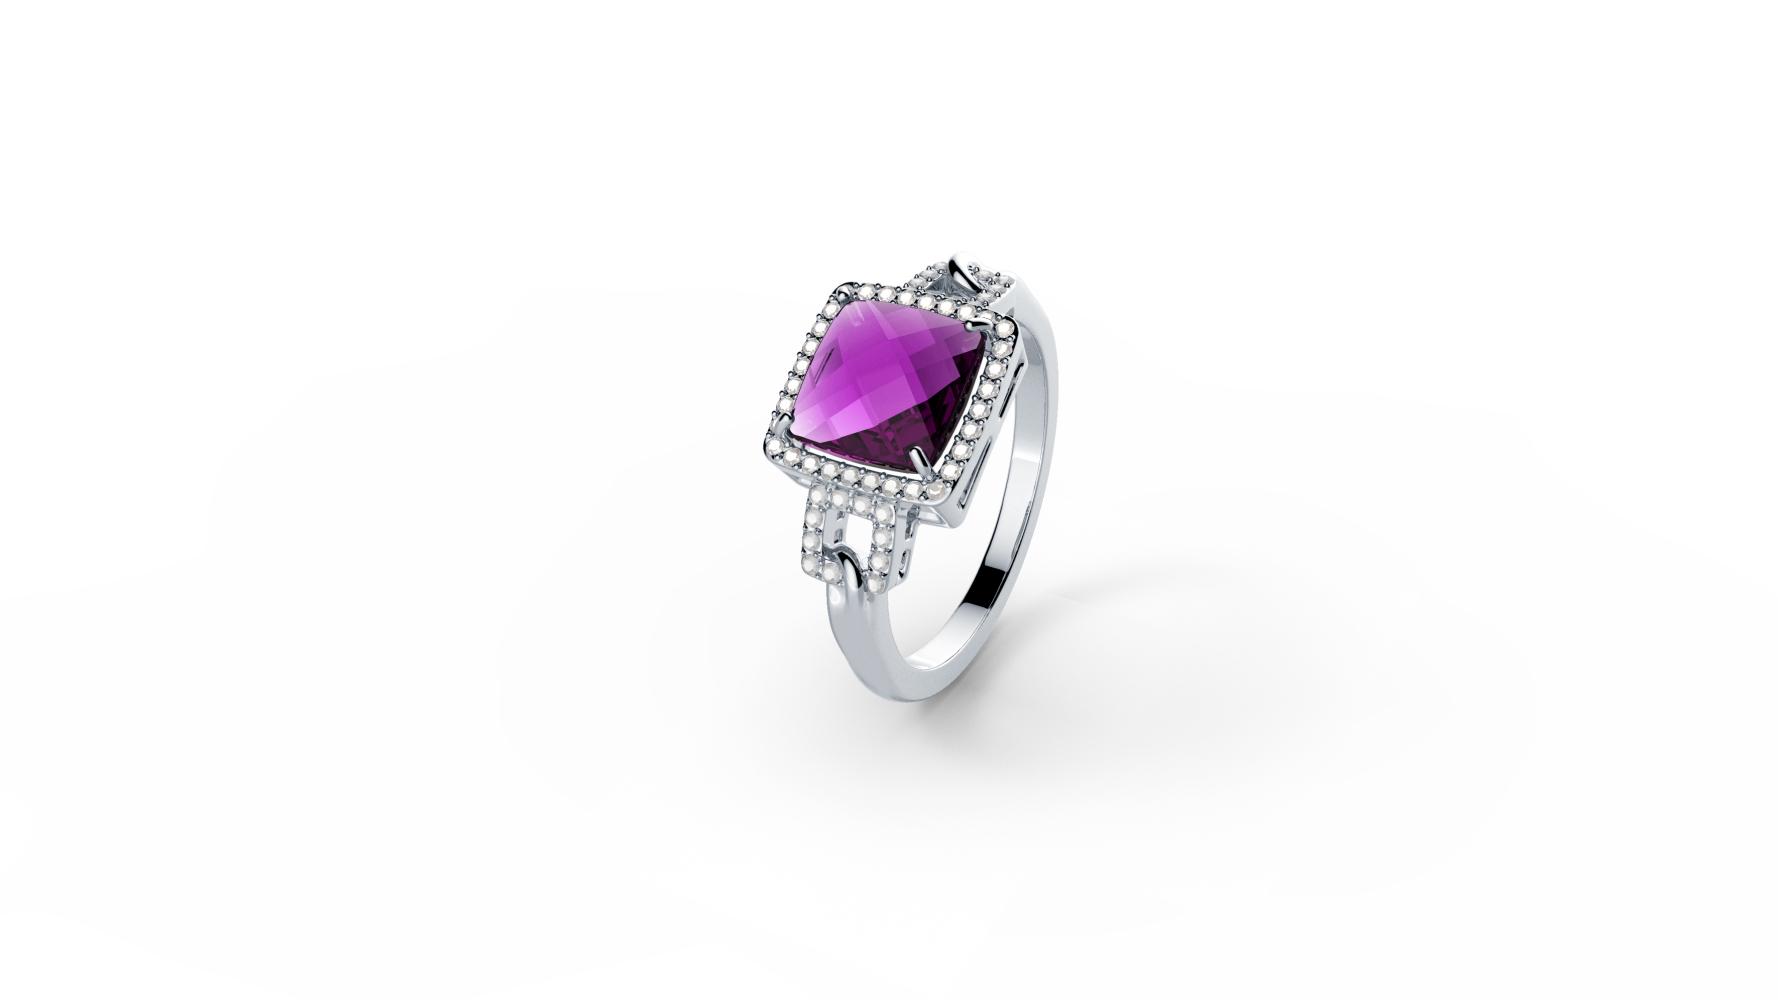 Zlatni prsten s briljantima i ametistom_Zaks_ 7.875,00 kn (2)